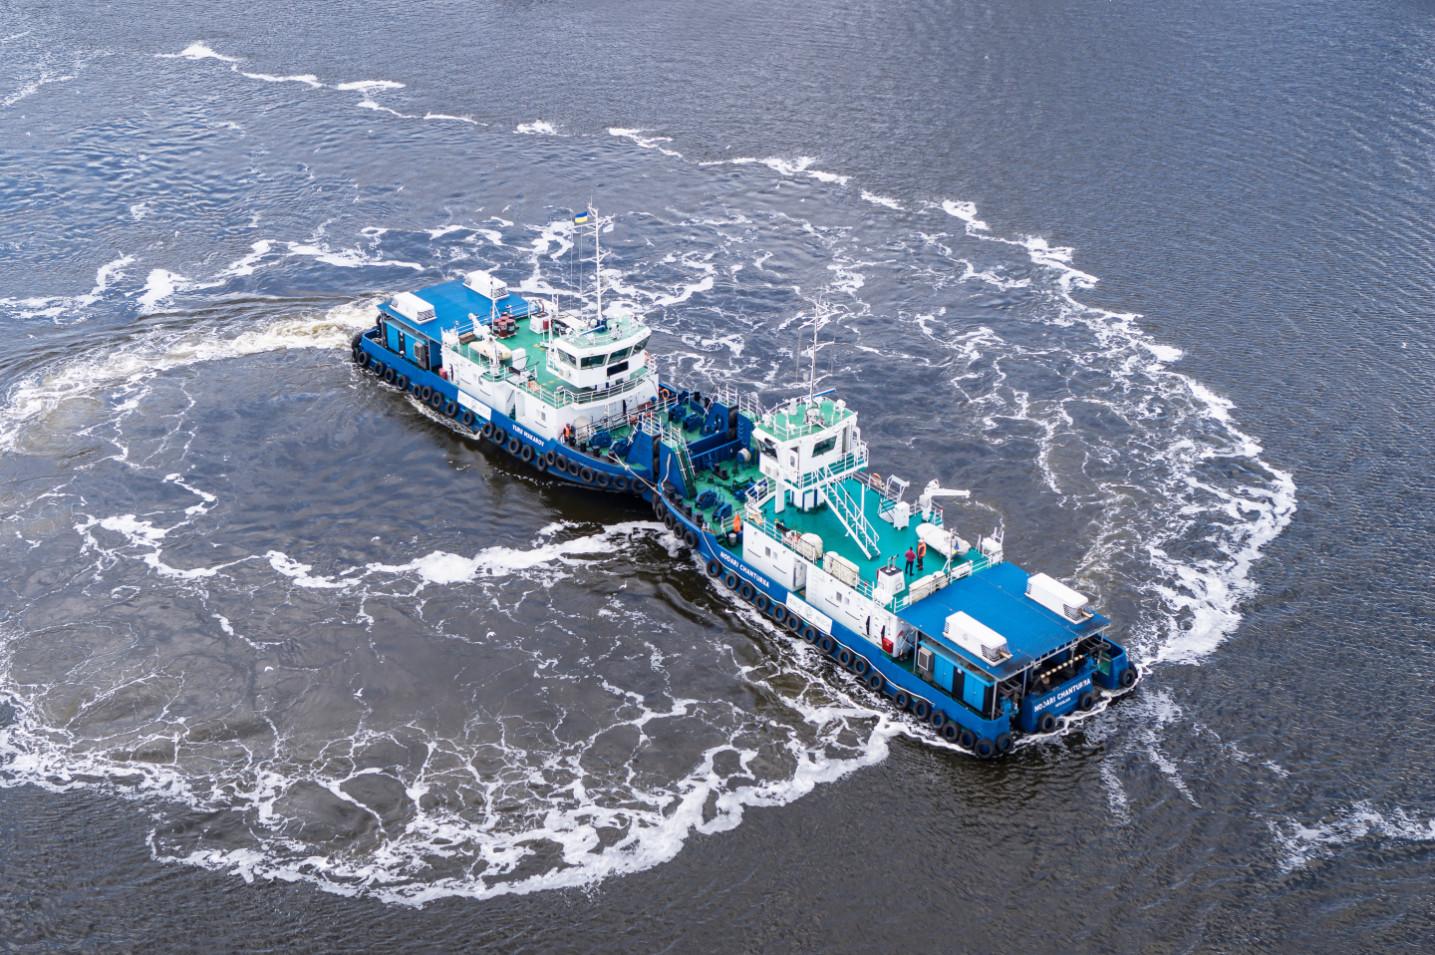 2019 рік – грандіозне водне шоу за участі суден усієї лінійки «НІБУЛОНівського» флоту